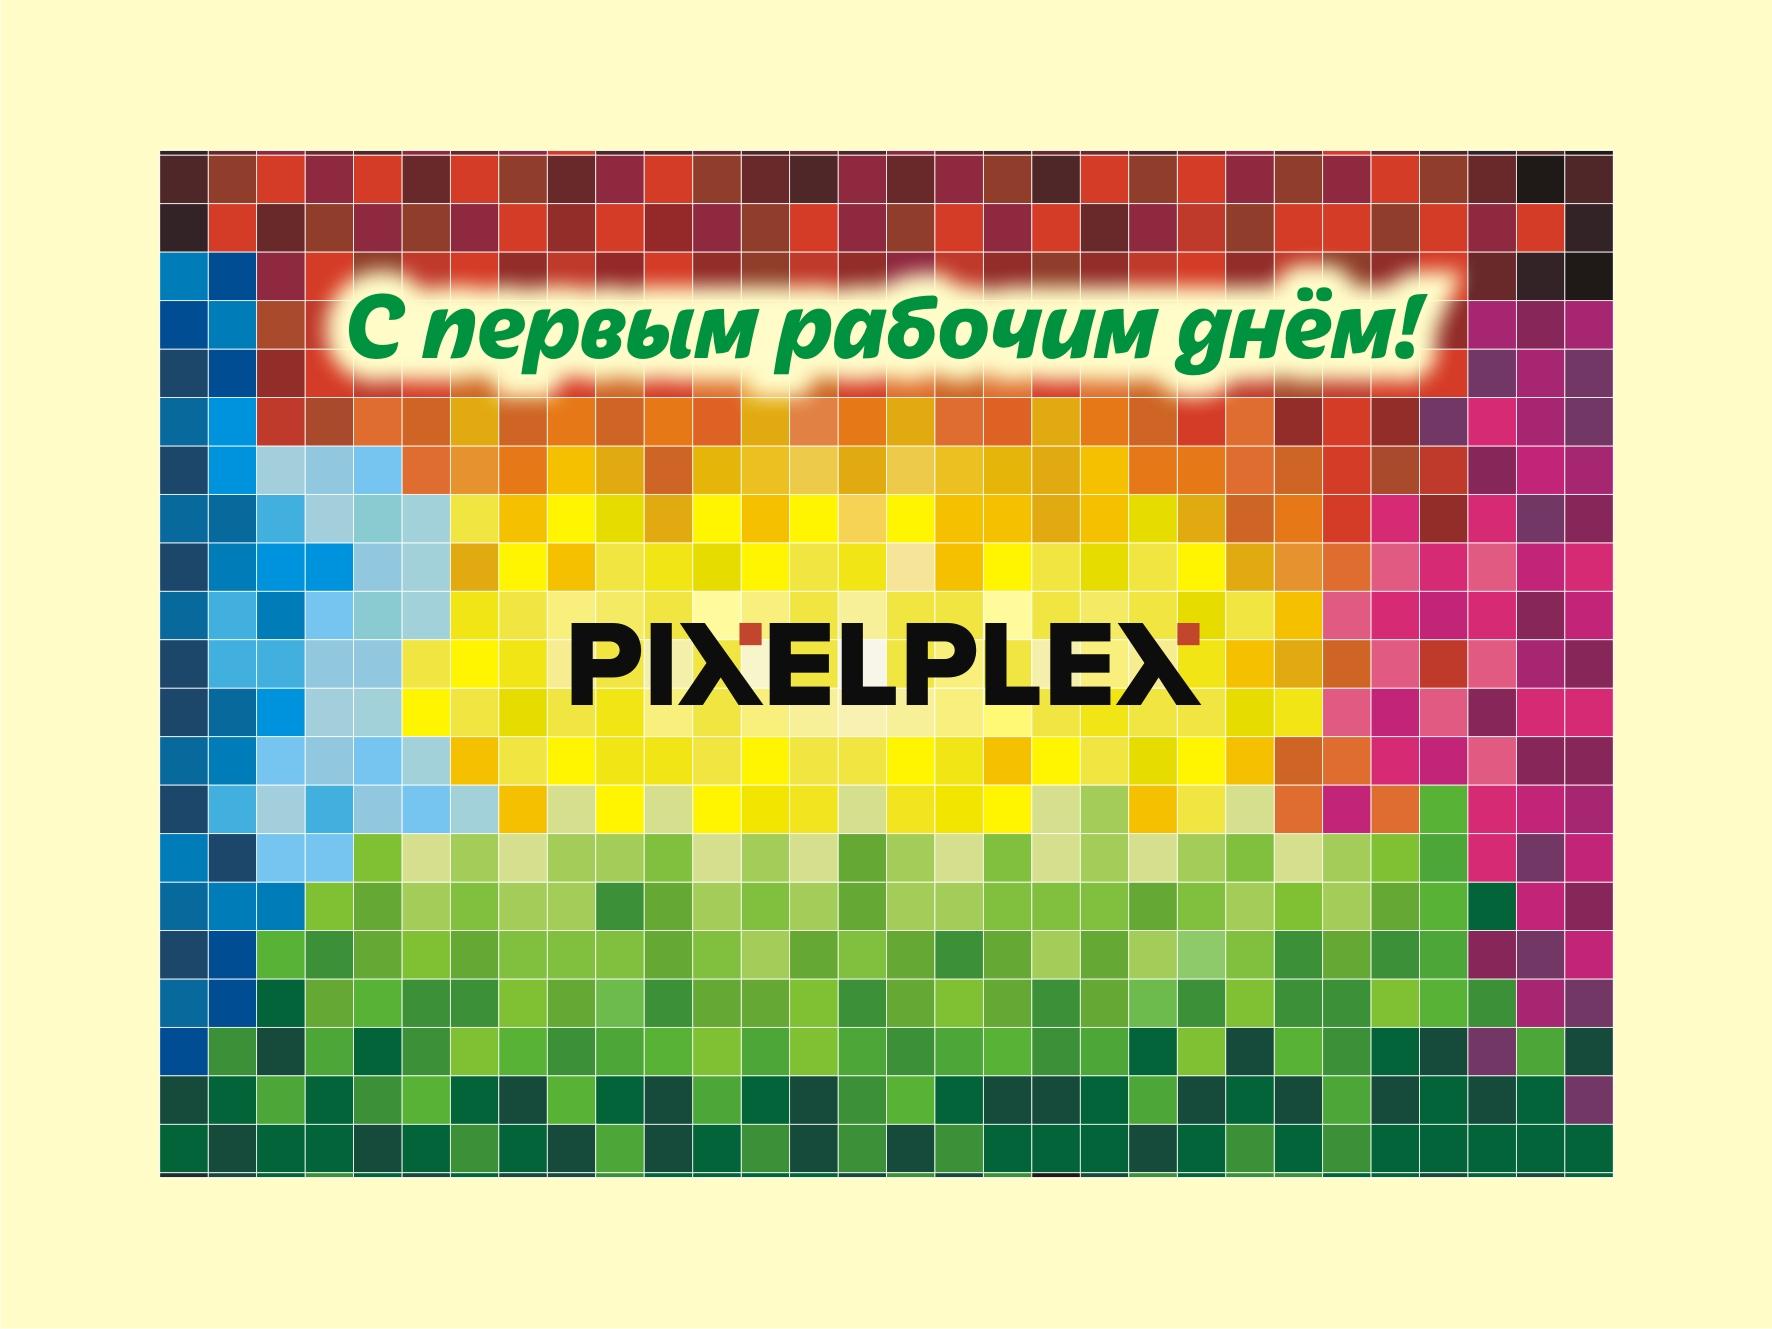 Креативная концепция и художественные варианты c логотипом фото f_163598b3fc4e8e4f.jpg